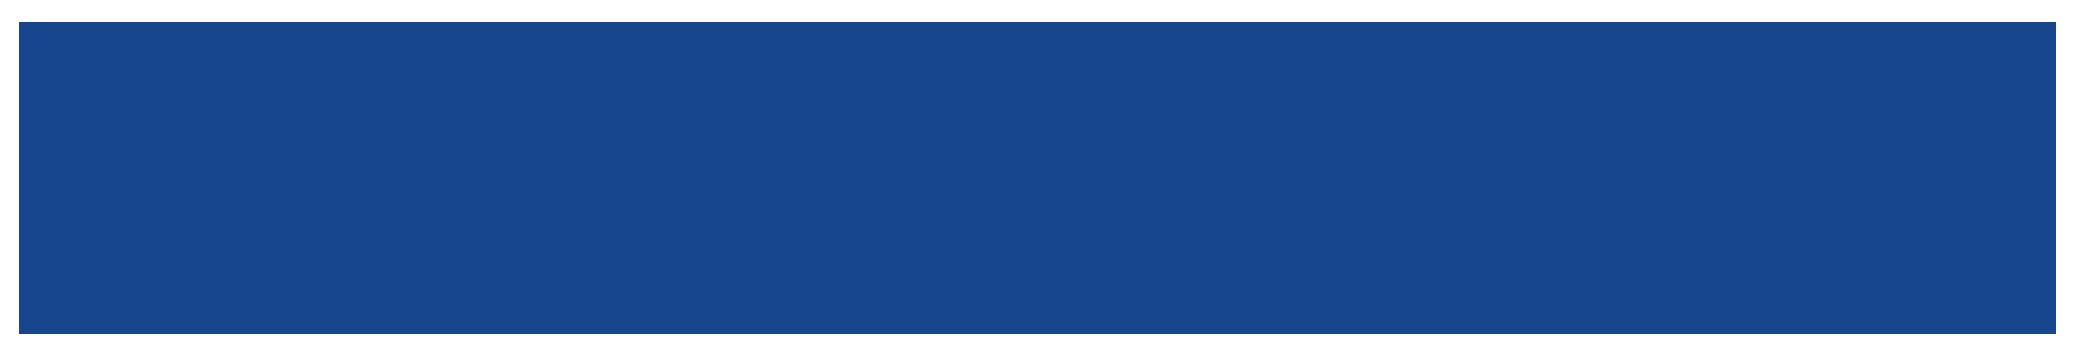 logo-logitech-gaming.png